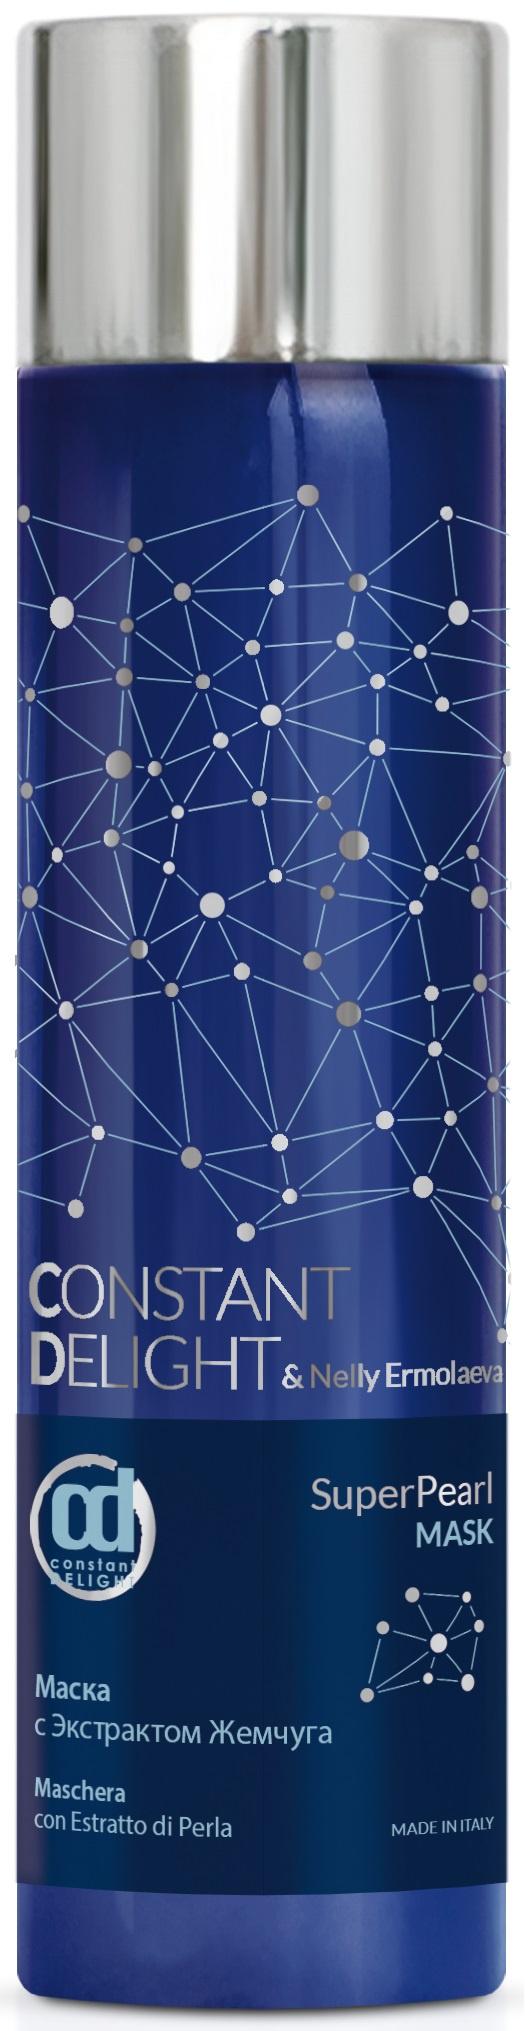 Маска для волос CONSTANT DELIGHT SUPER PEARL для блеска с экстрактом жемчуга 250 мл цена